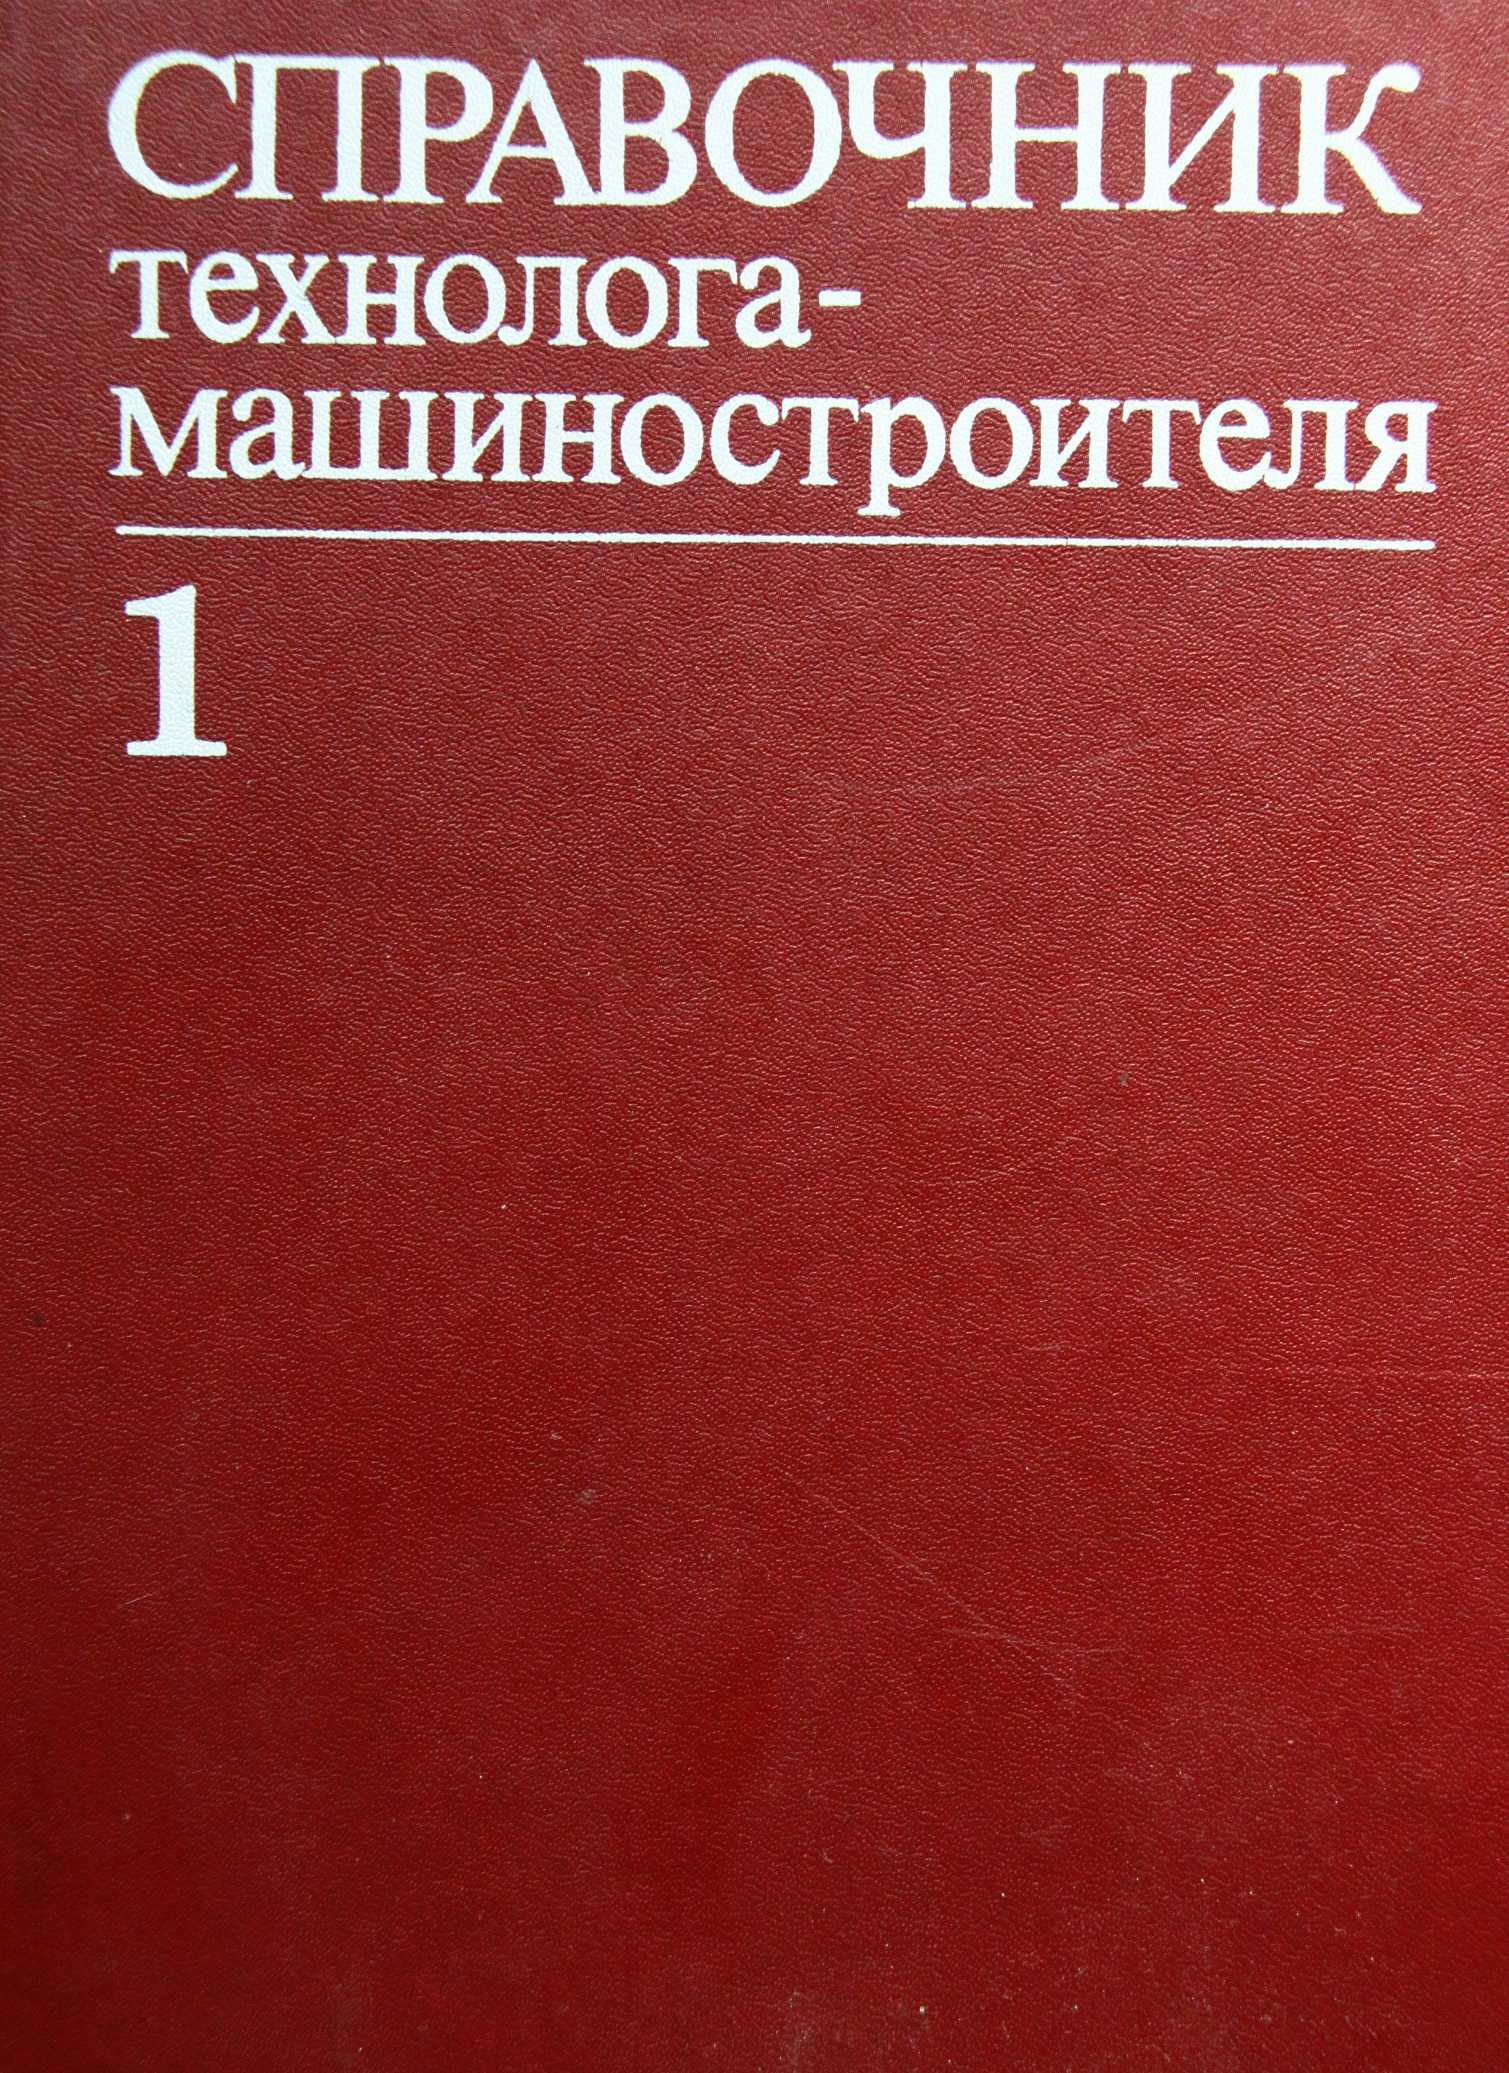 Бесплатпо справочник технолога машиностроителя